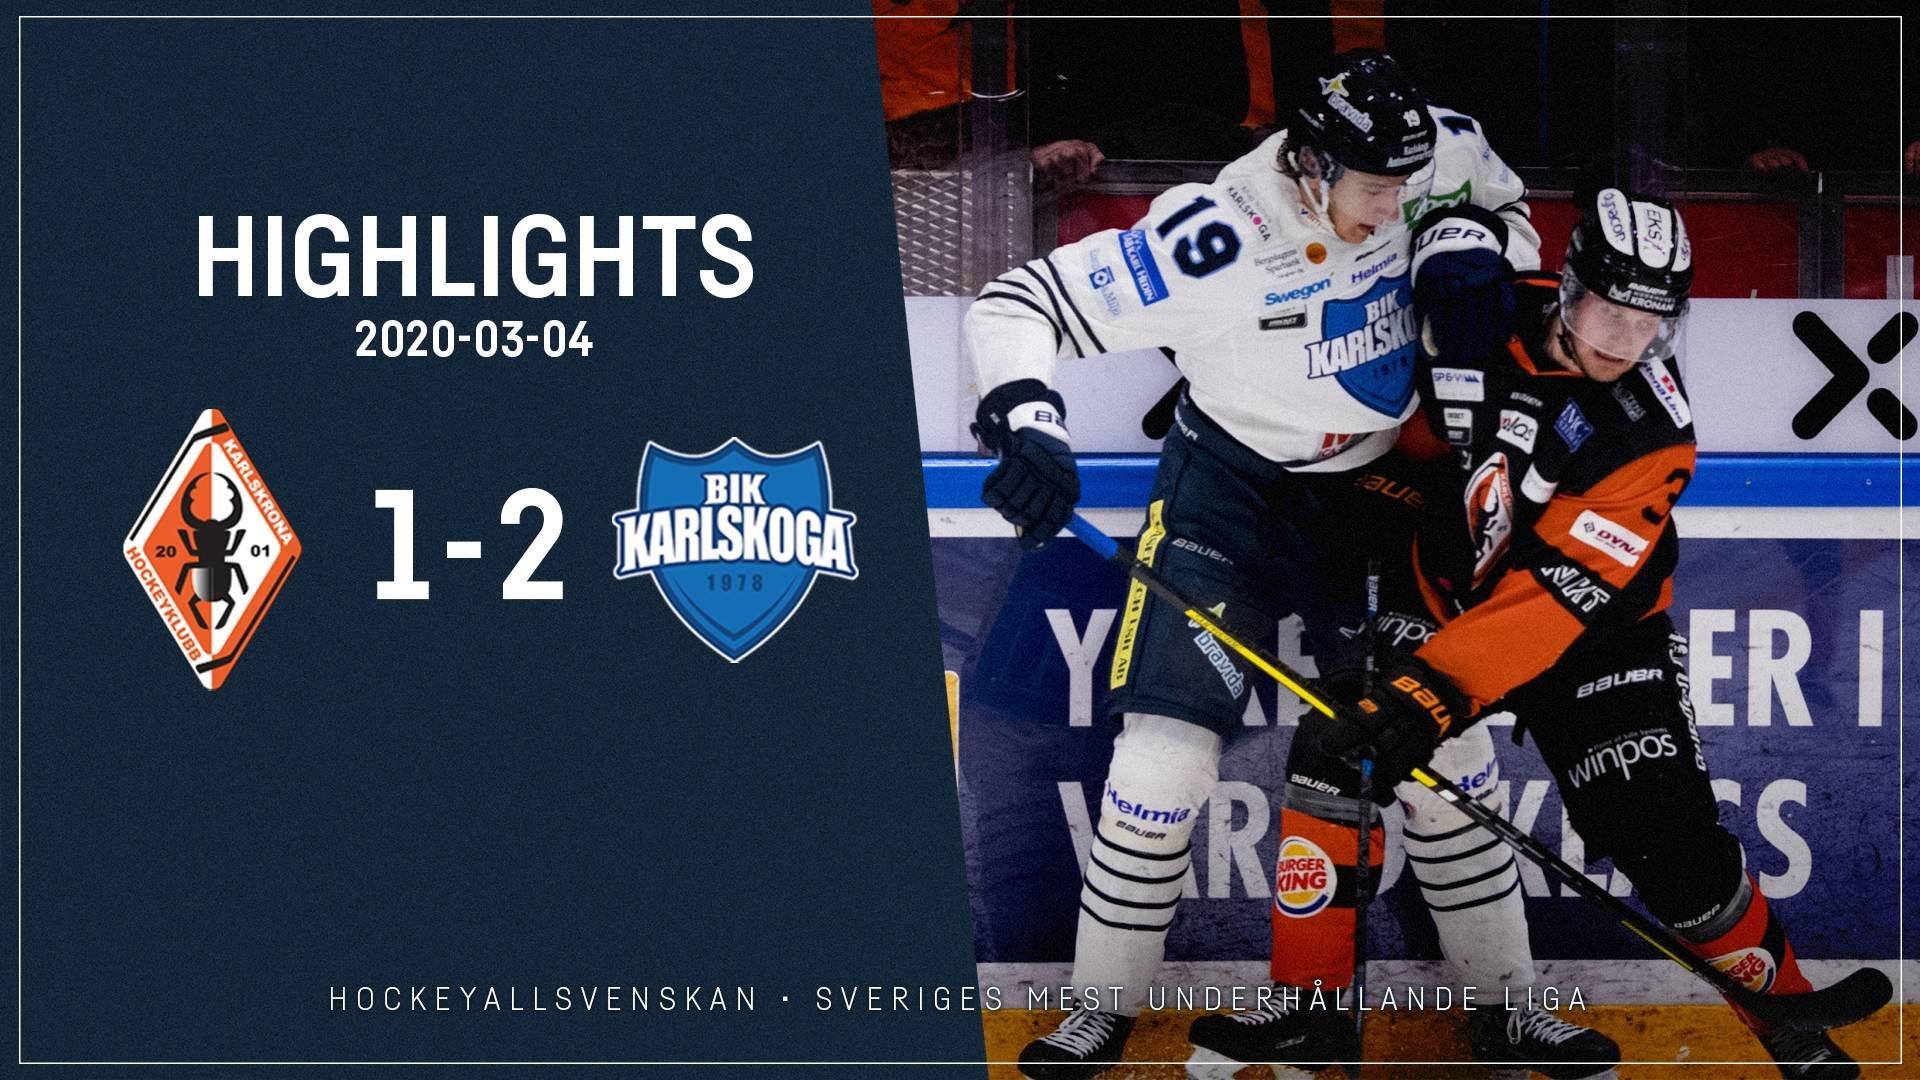 2020-03-04 Karlskrona - Karlskoga 1-2